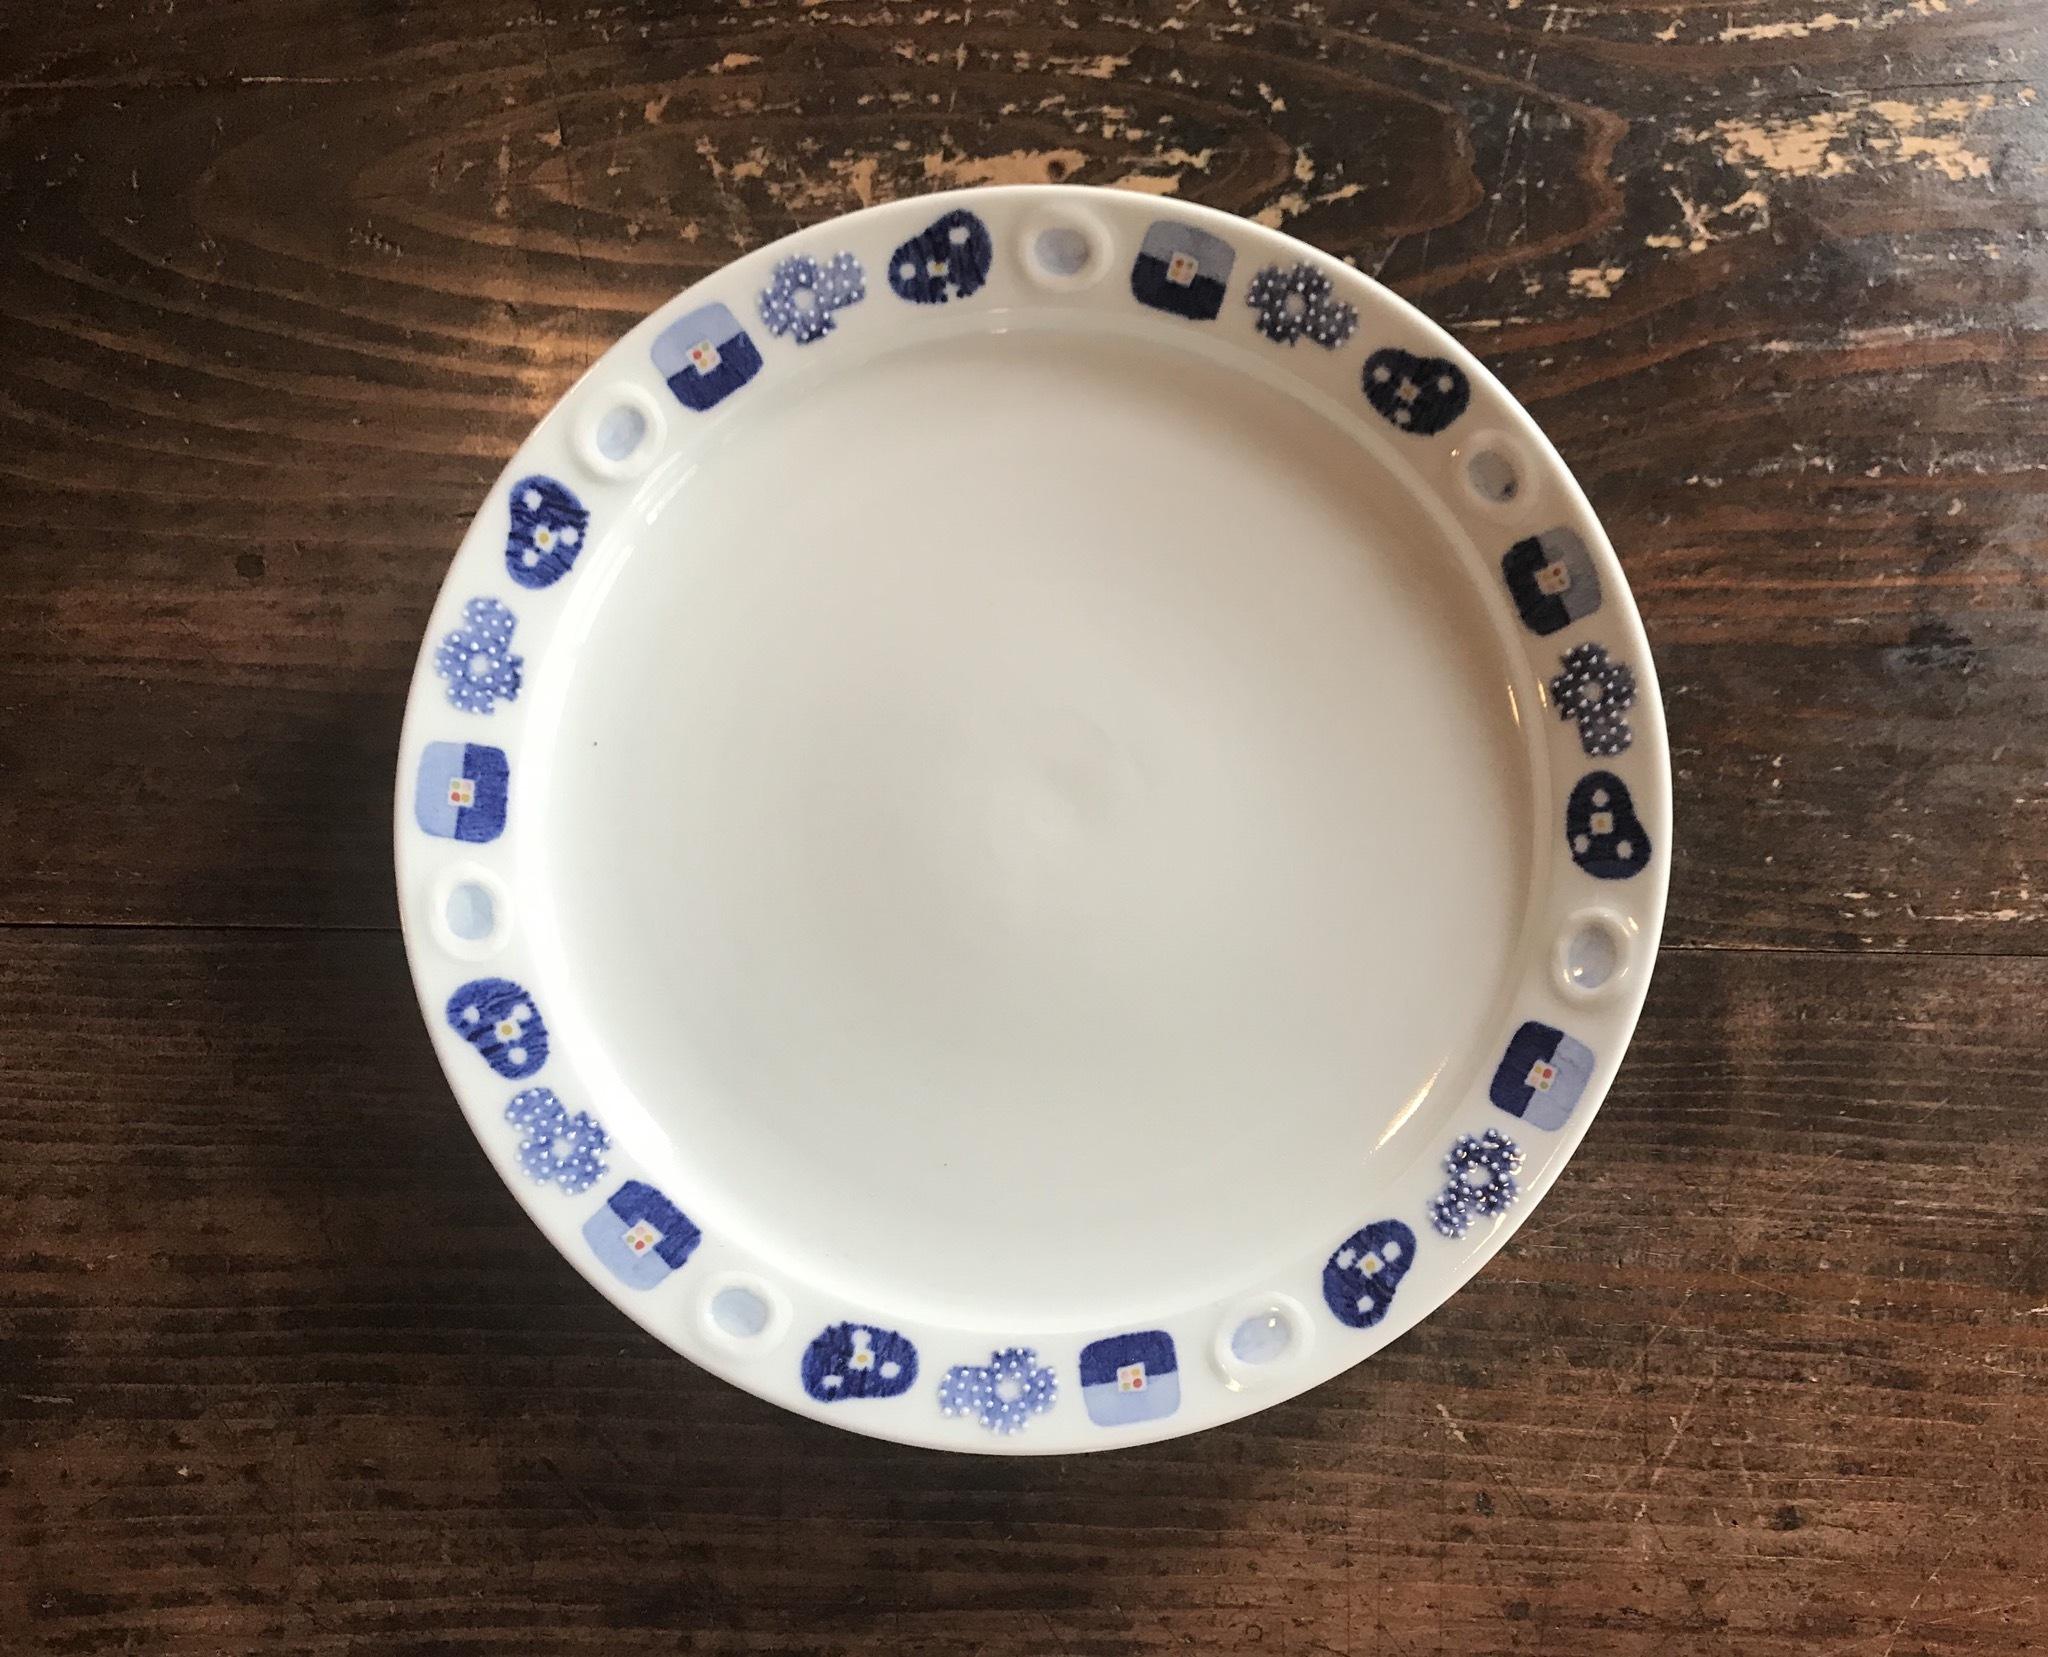 砥部焼 皐月窯 8寸リム付皿 花